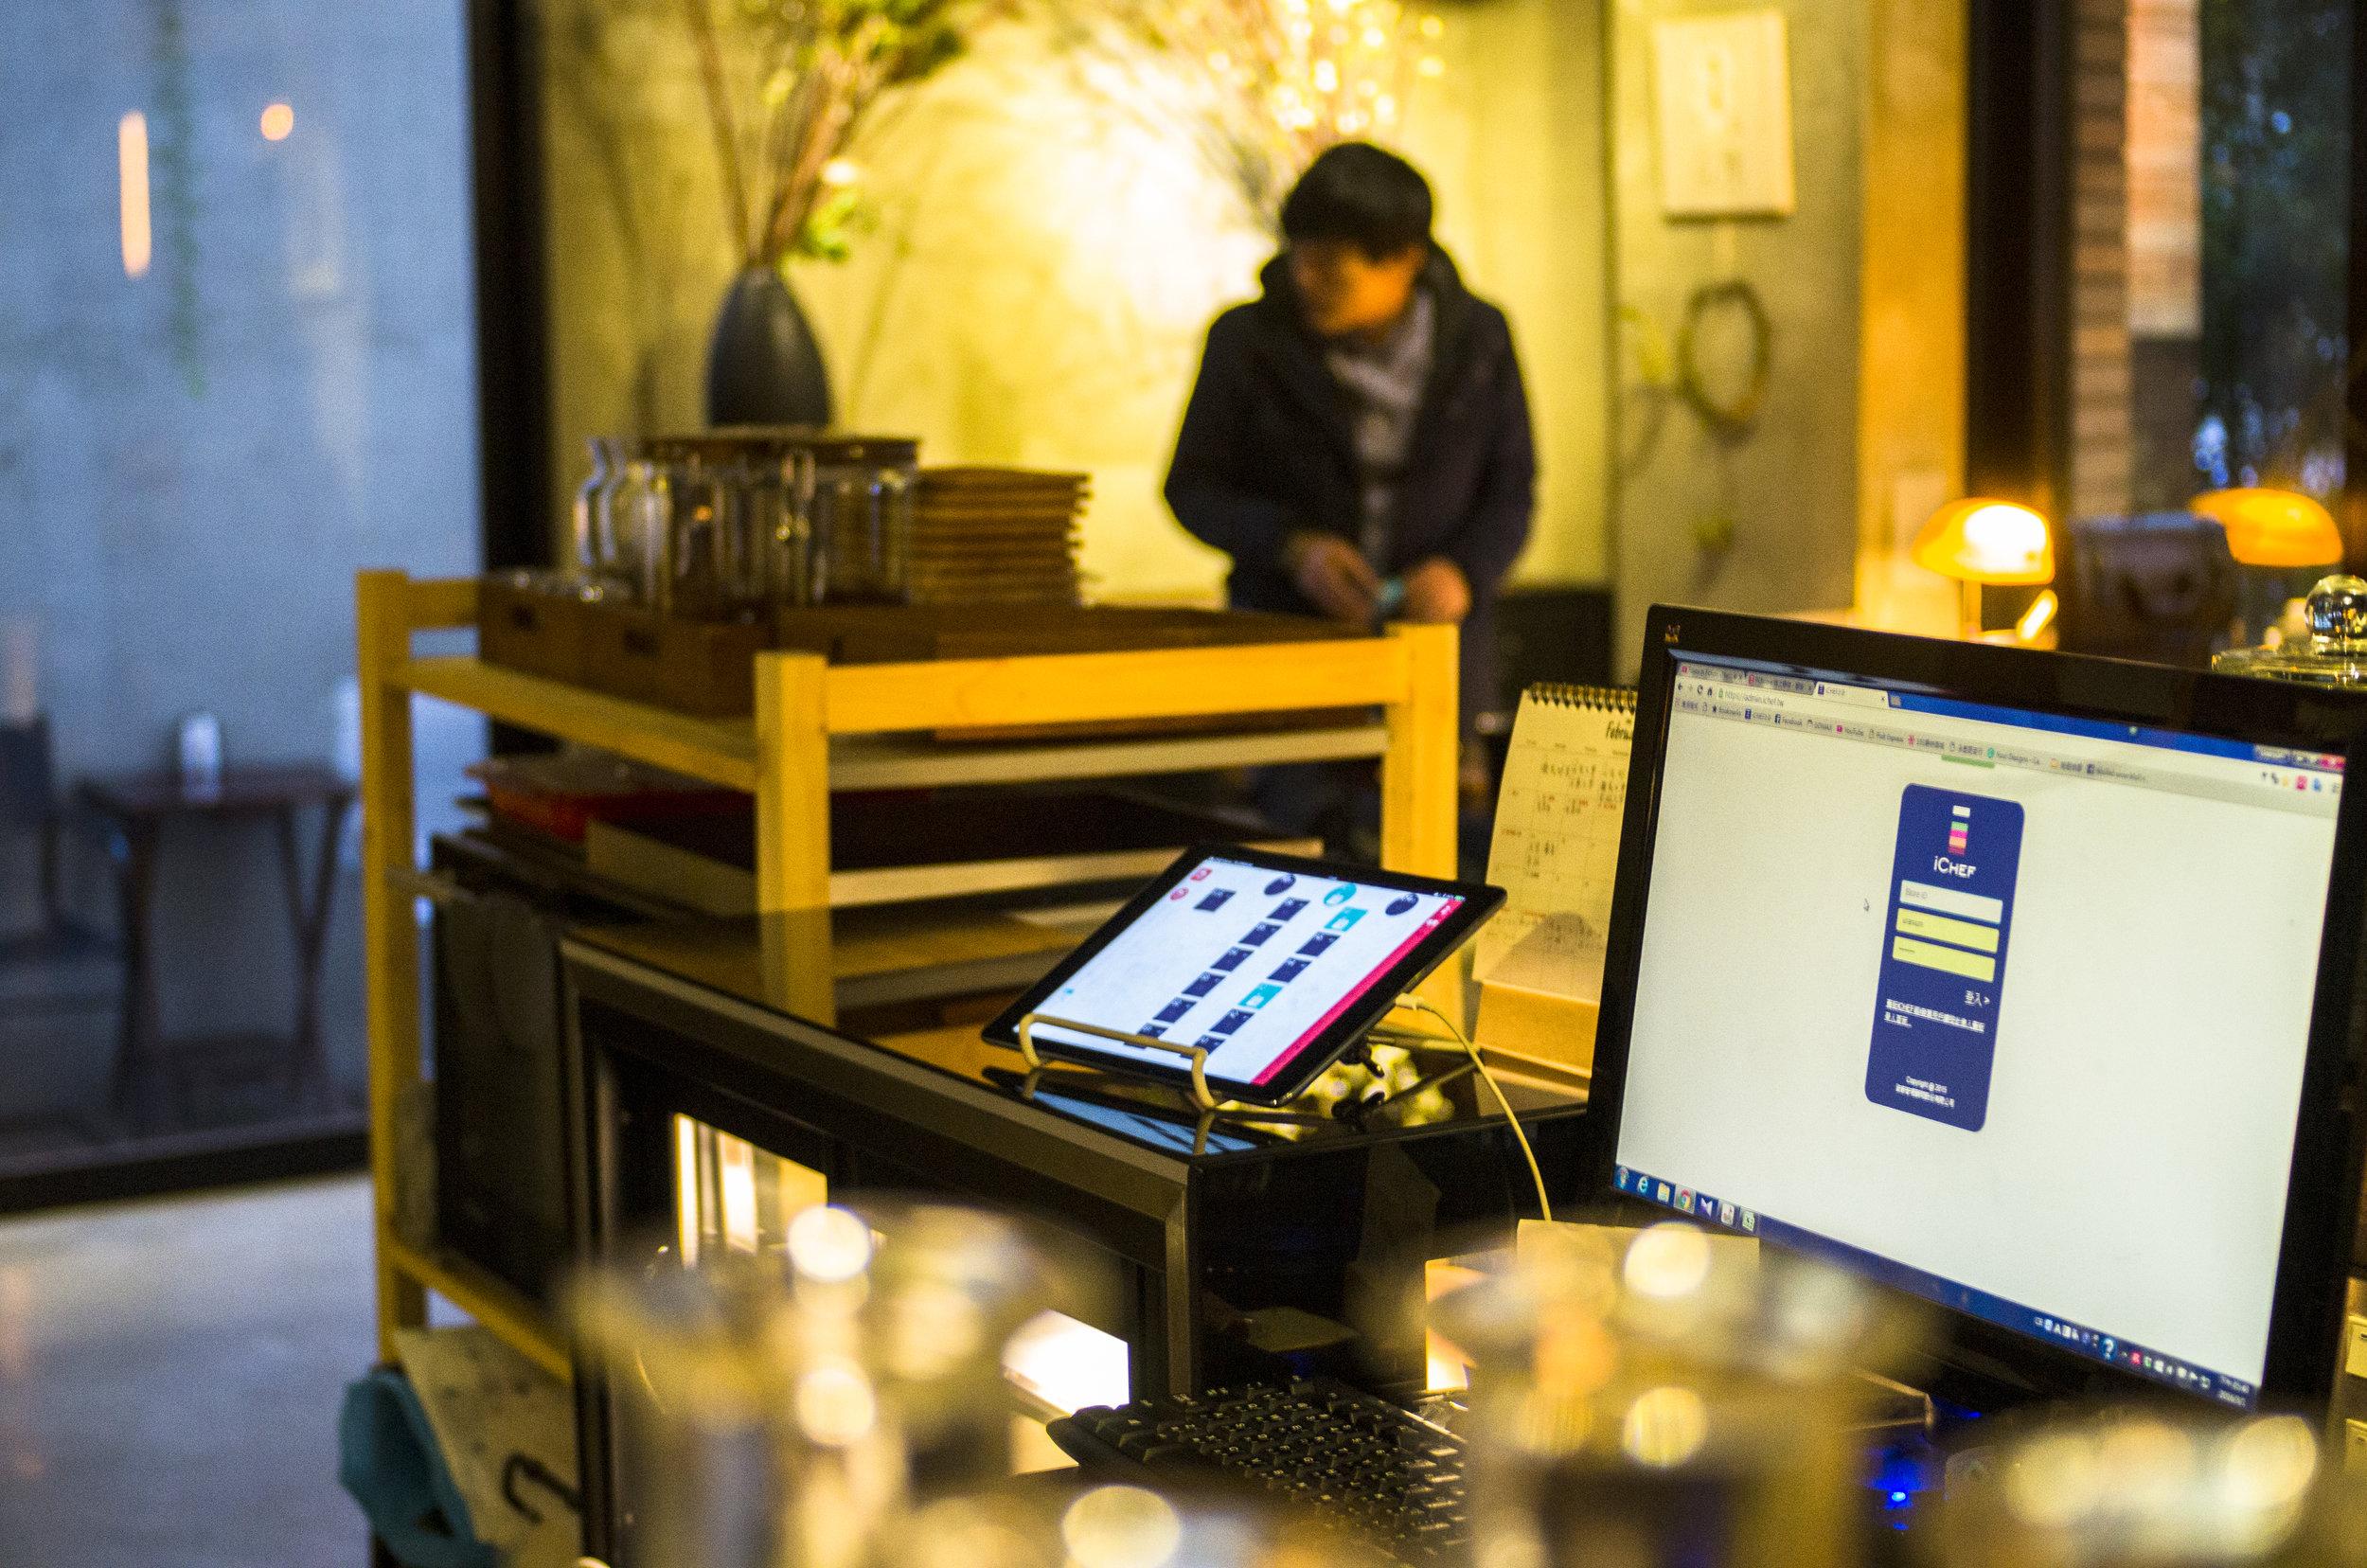 咖啡廳 是  iCHEF POS 點餐 系統最多的使用 案例 類型,讓 咖啡廳 老闆也能擁有企業級 餐廳 報表